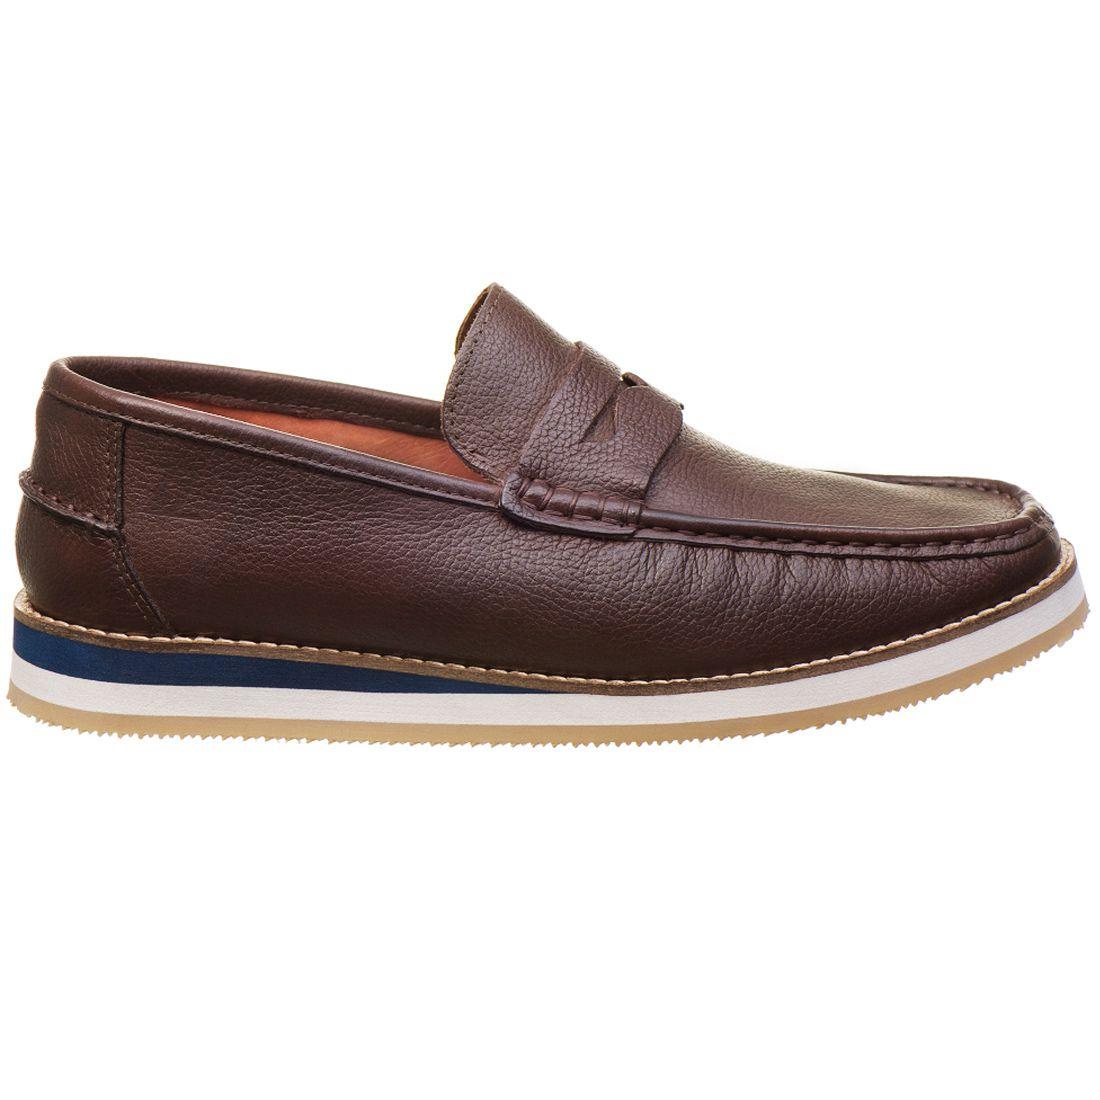 Sapato Casual Masculino em Couro Floather Café Rocco Lorenzzo - 4502